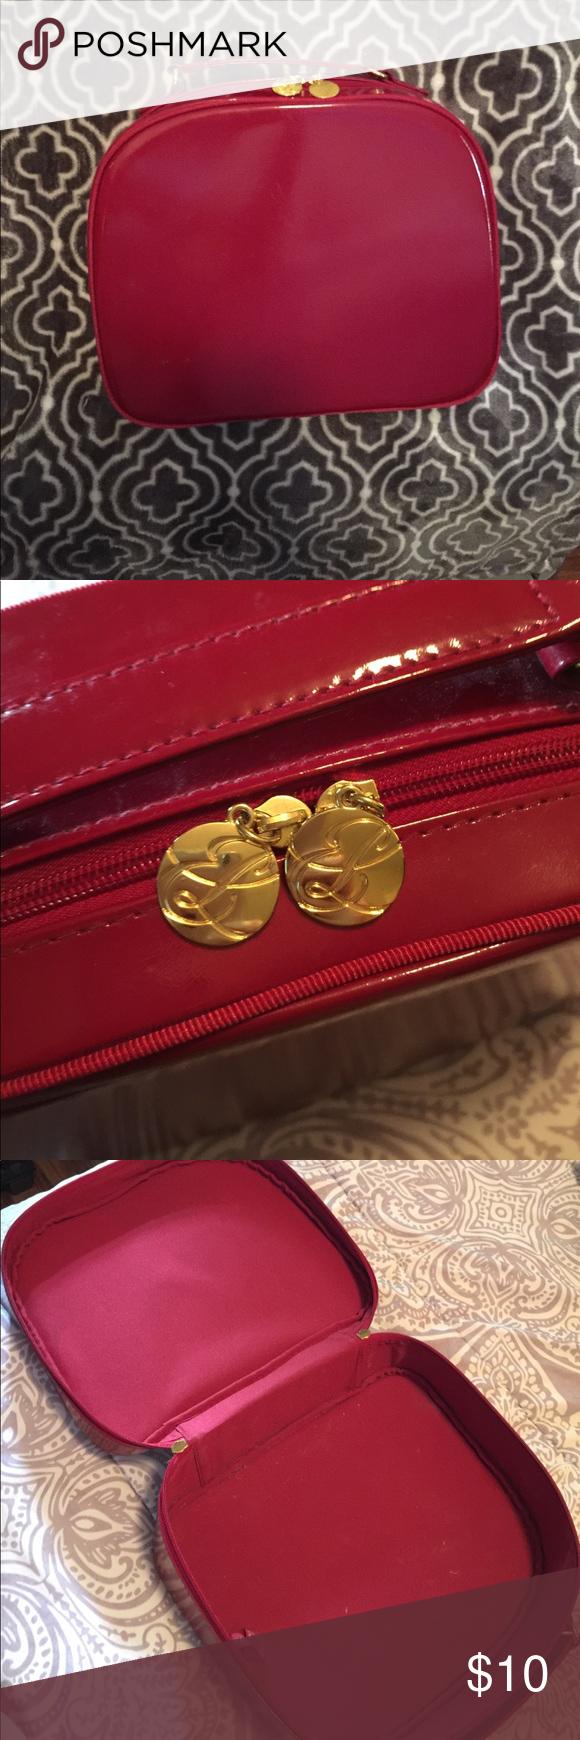 Estée Lauder Bag Red and gold Estée Lauder Case! Can be